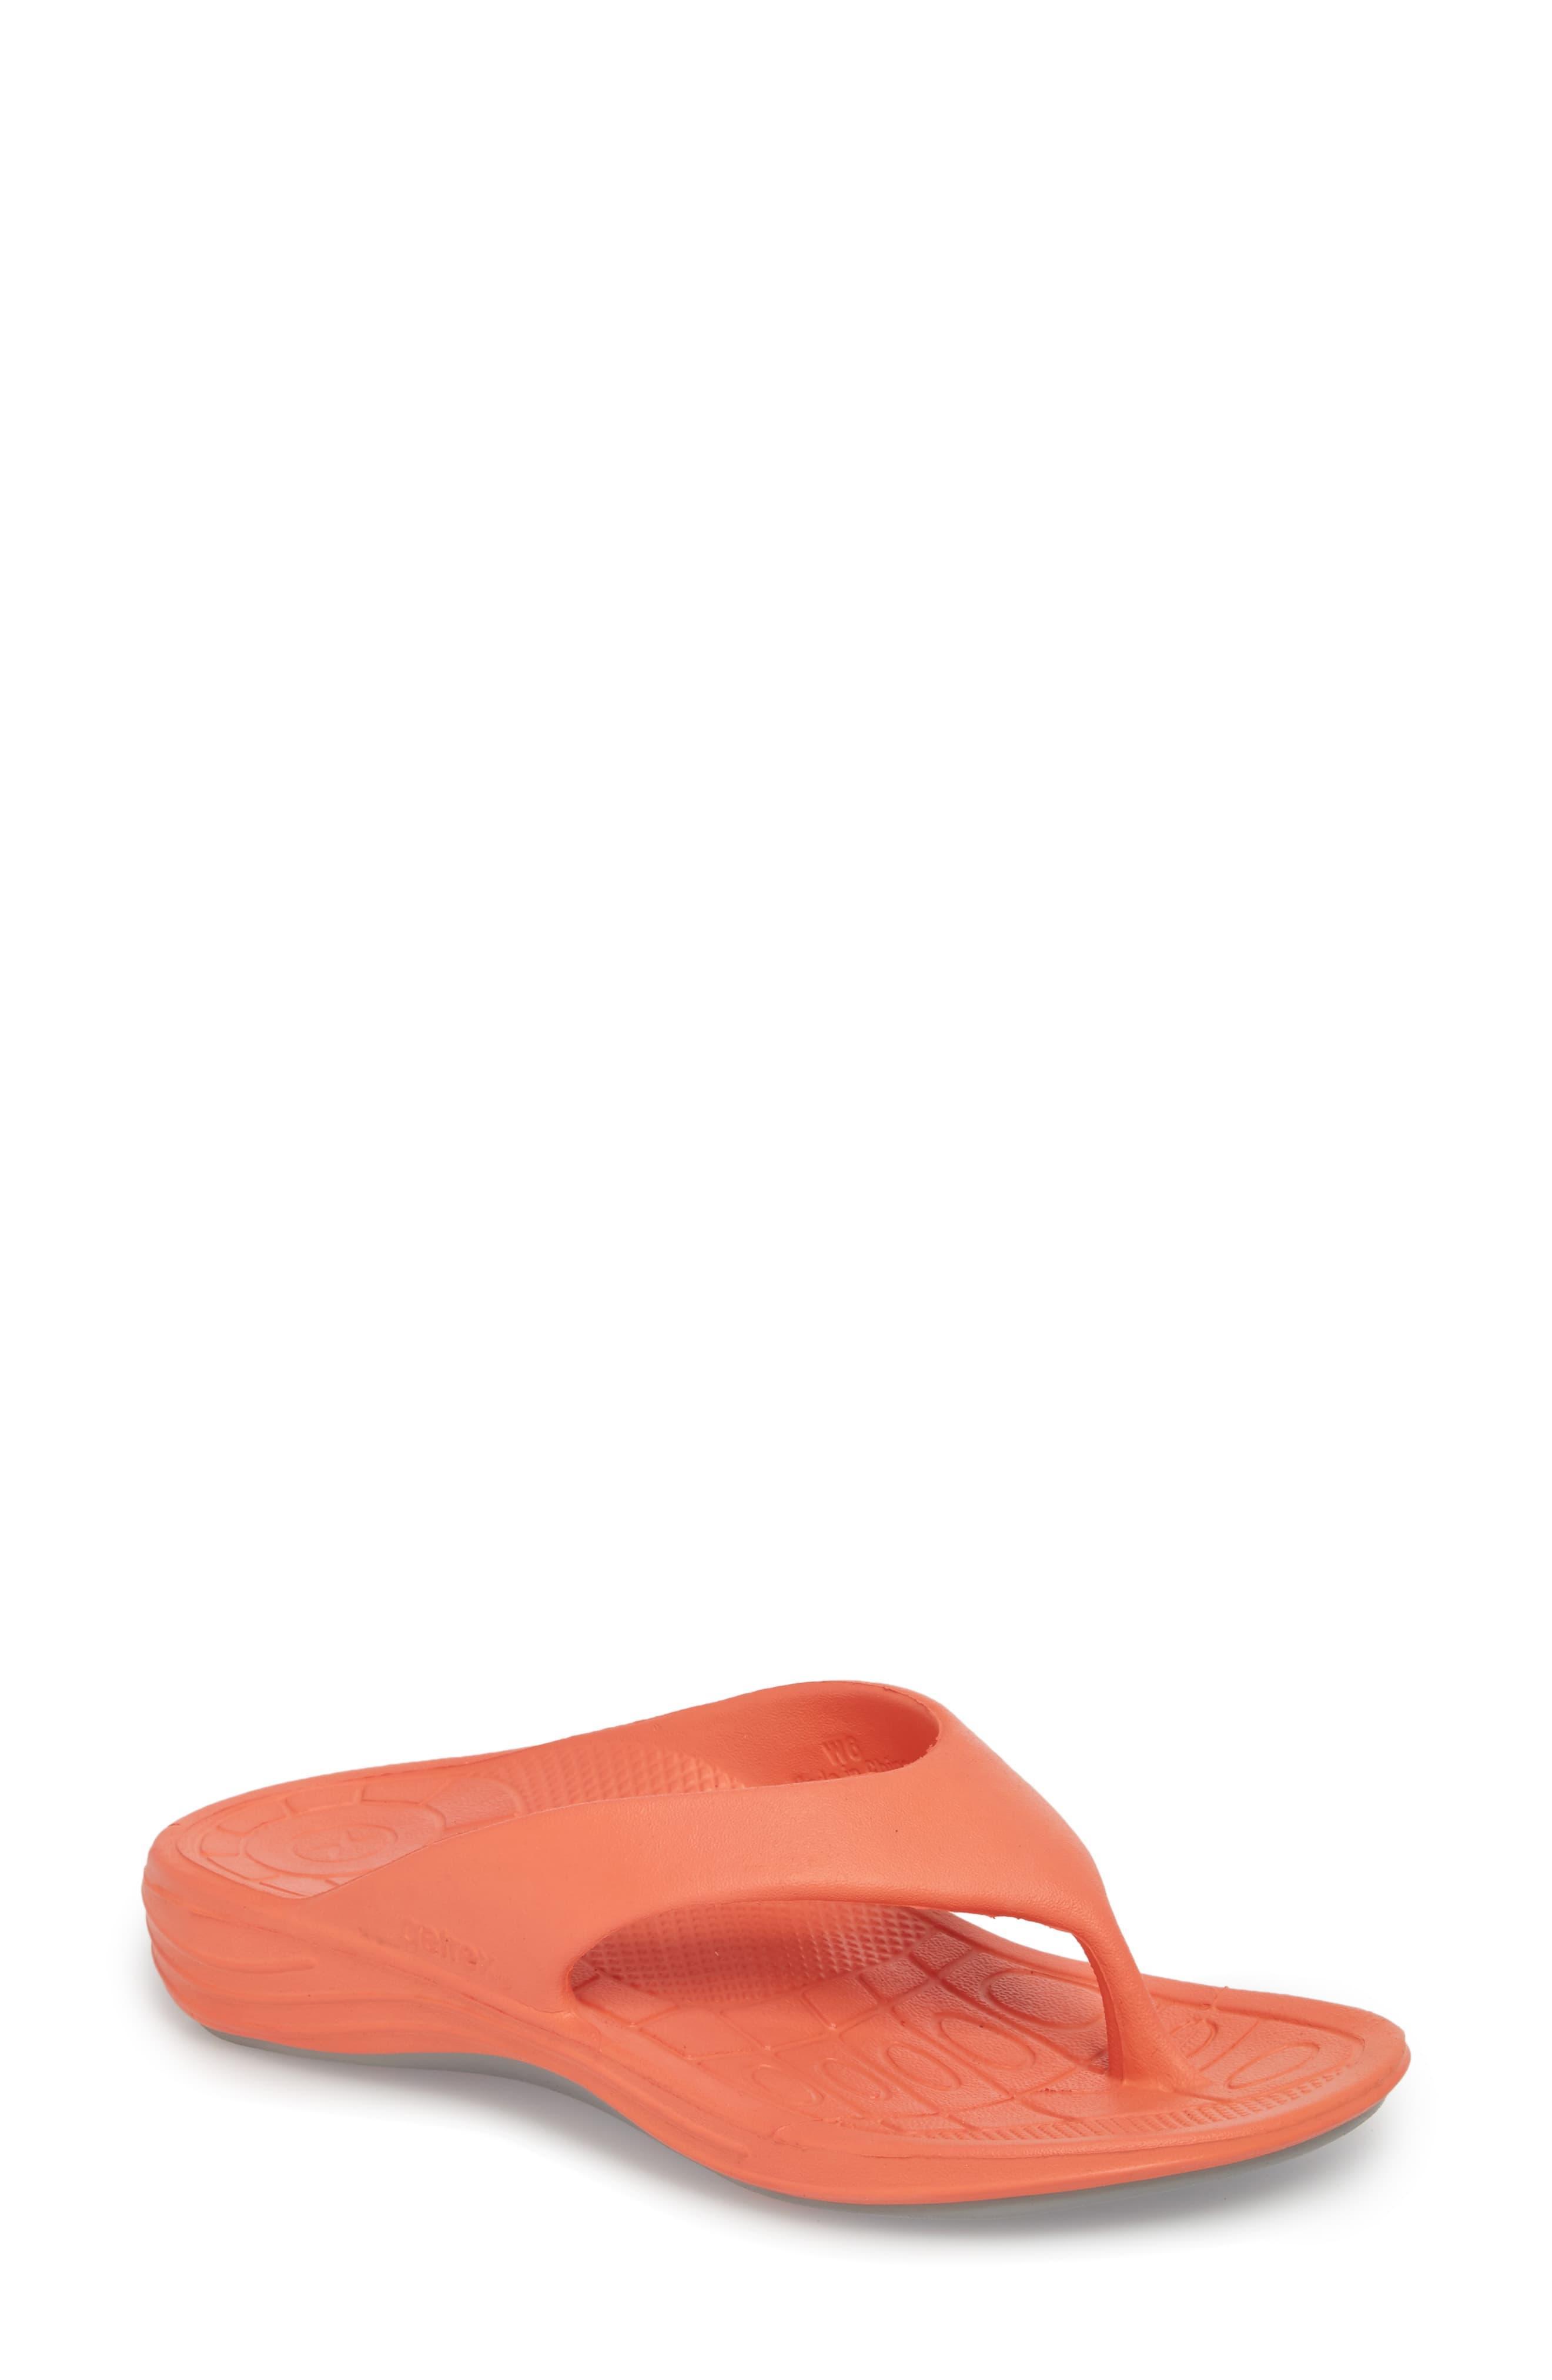 Aetrex Lynco Flip Flop - Lyst-1301